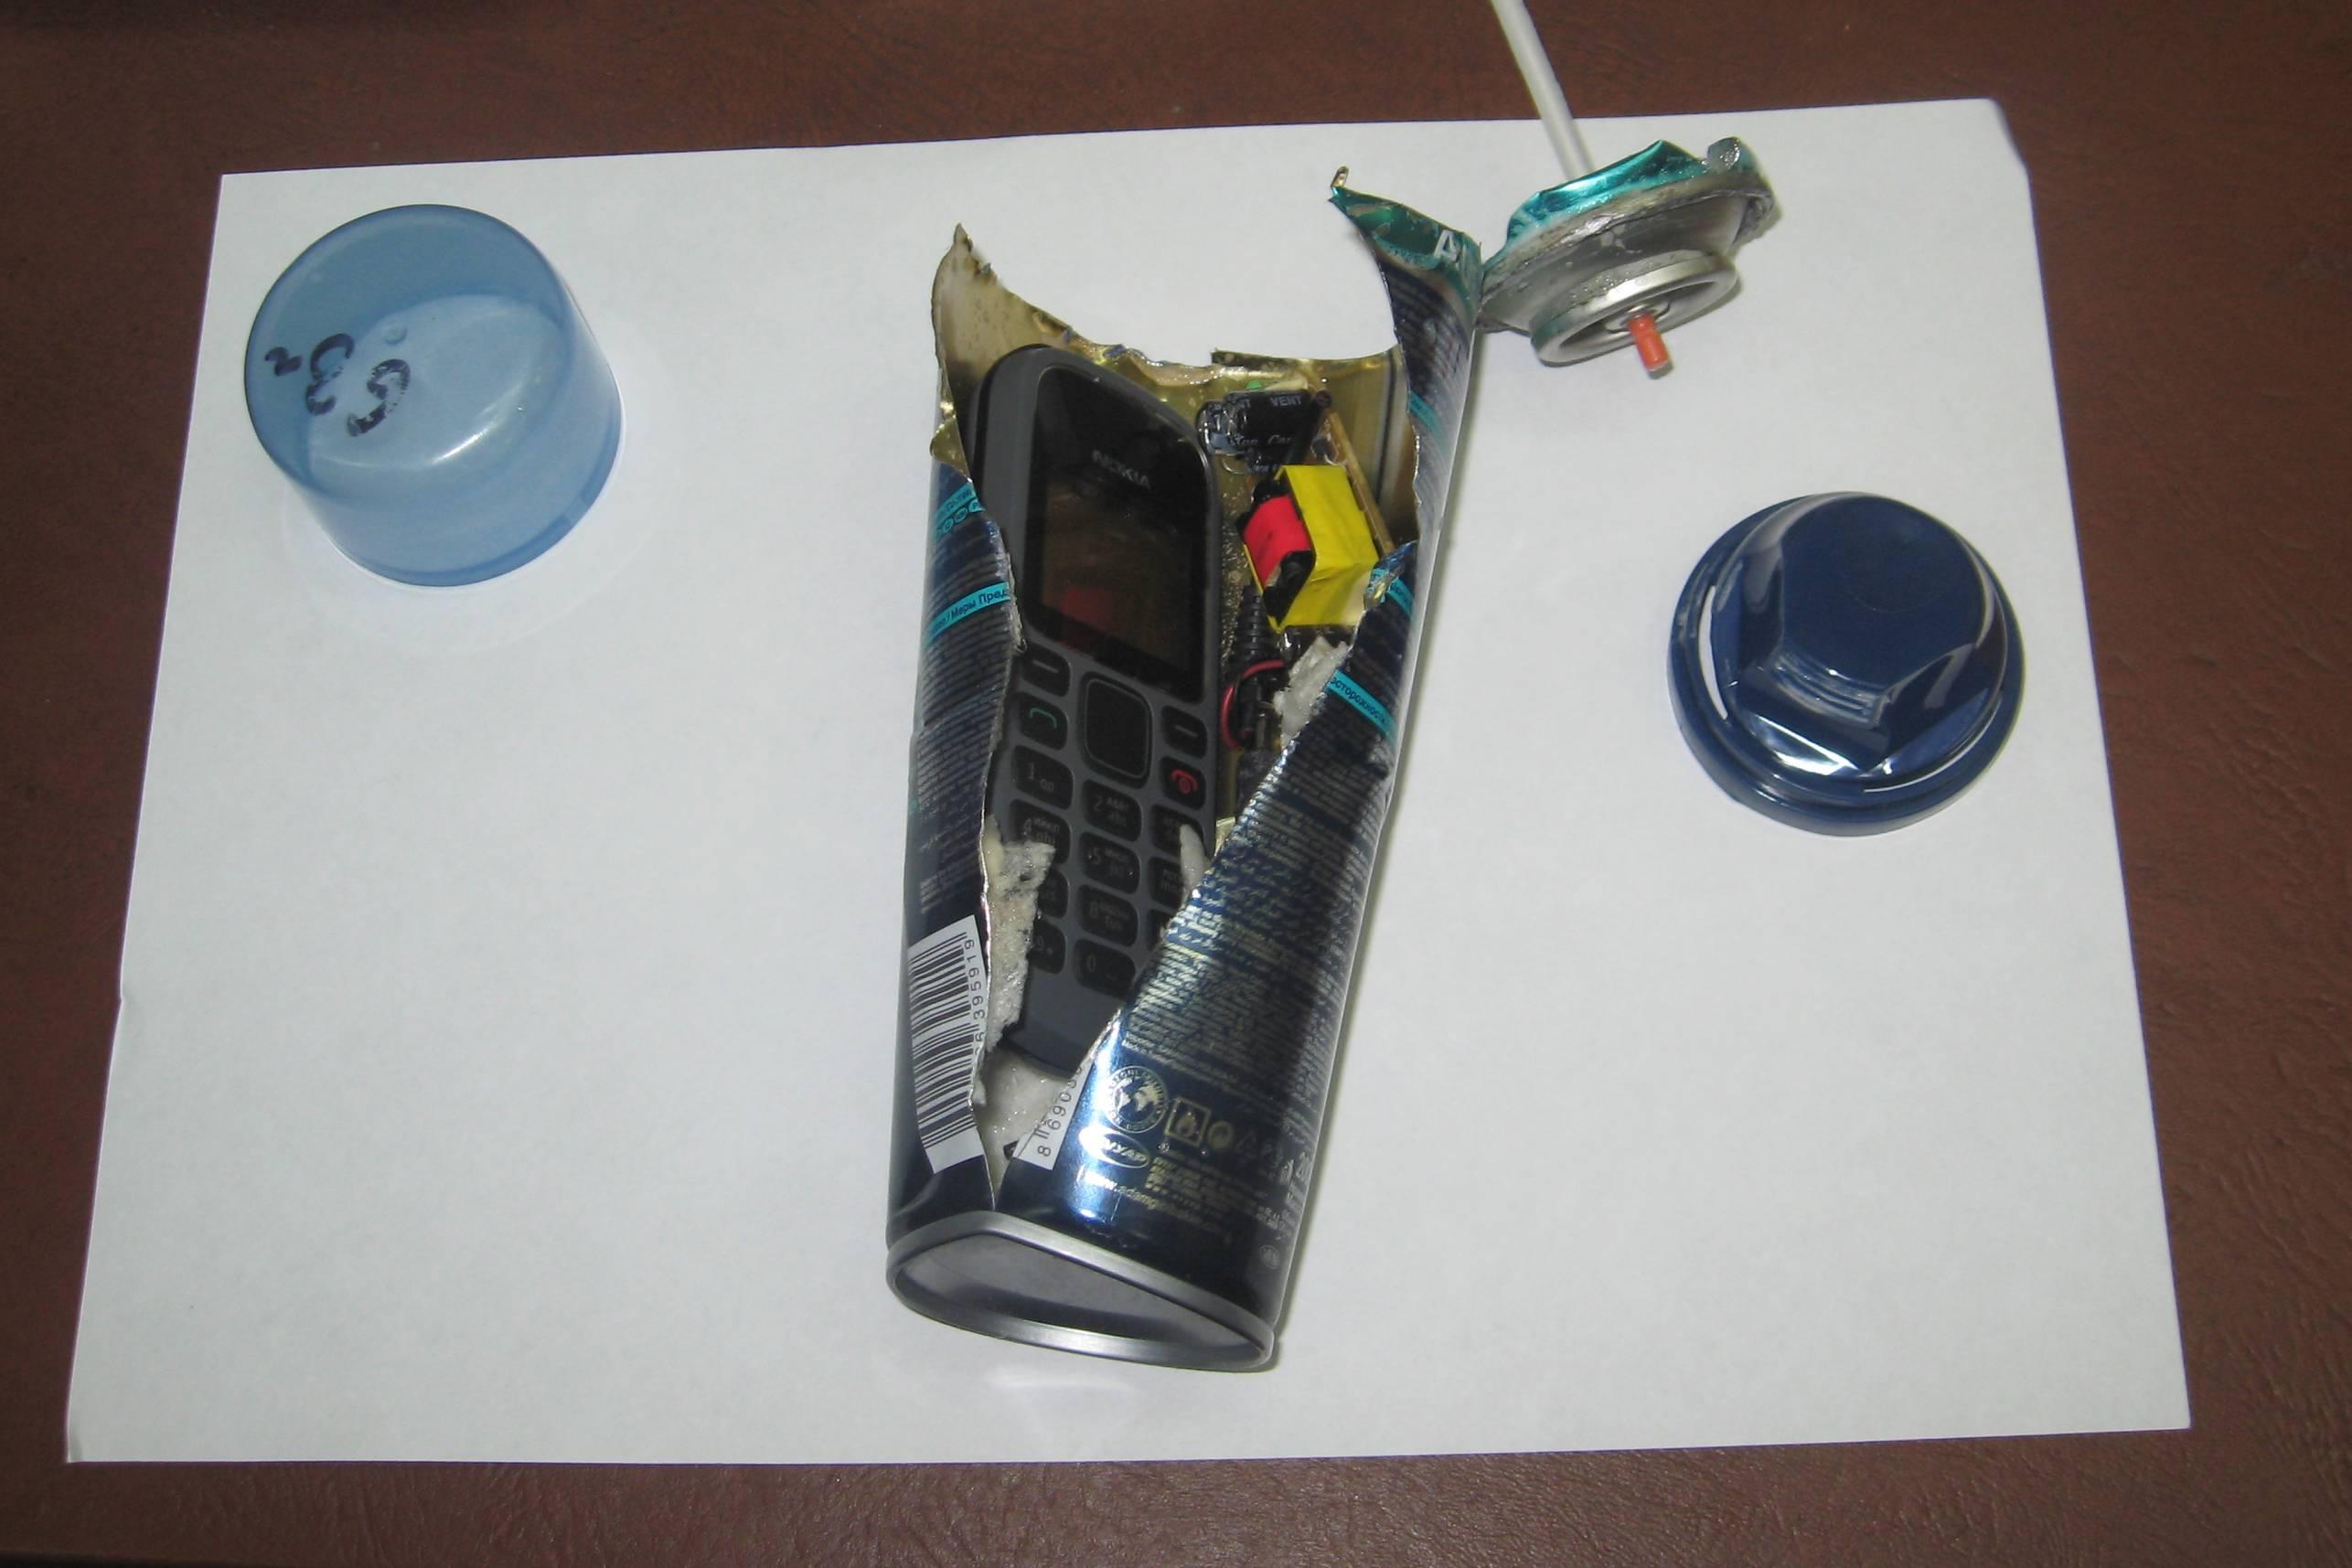 В банке с пенкой для бритья обнаружили телефон. Удивительно, что при нажатии пена шла.  Фото: пресс-служба УФСИН по Удмуртии